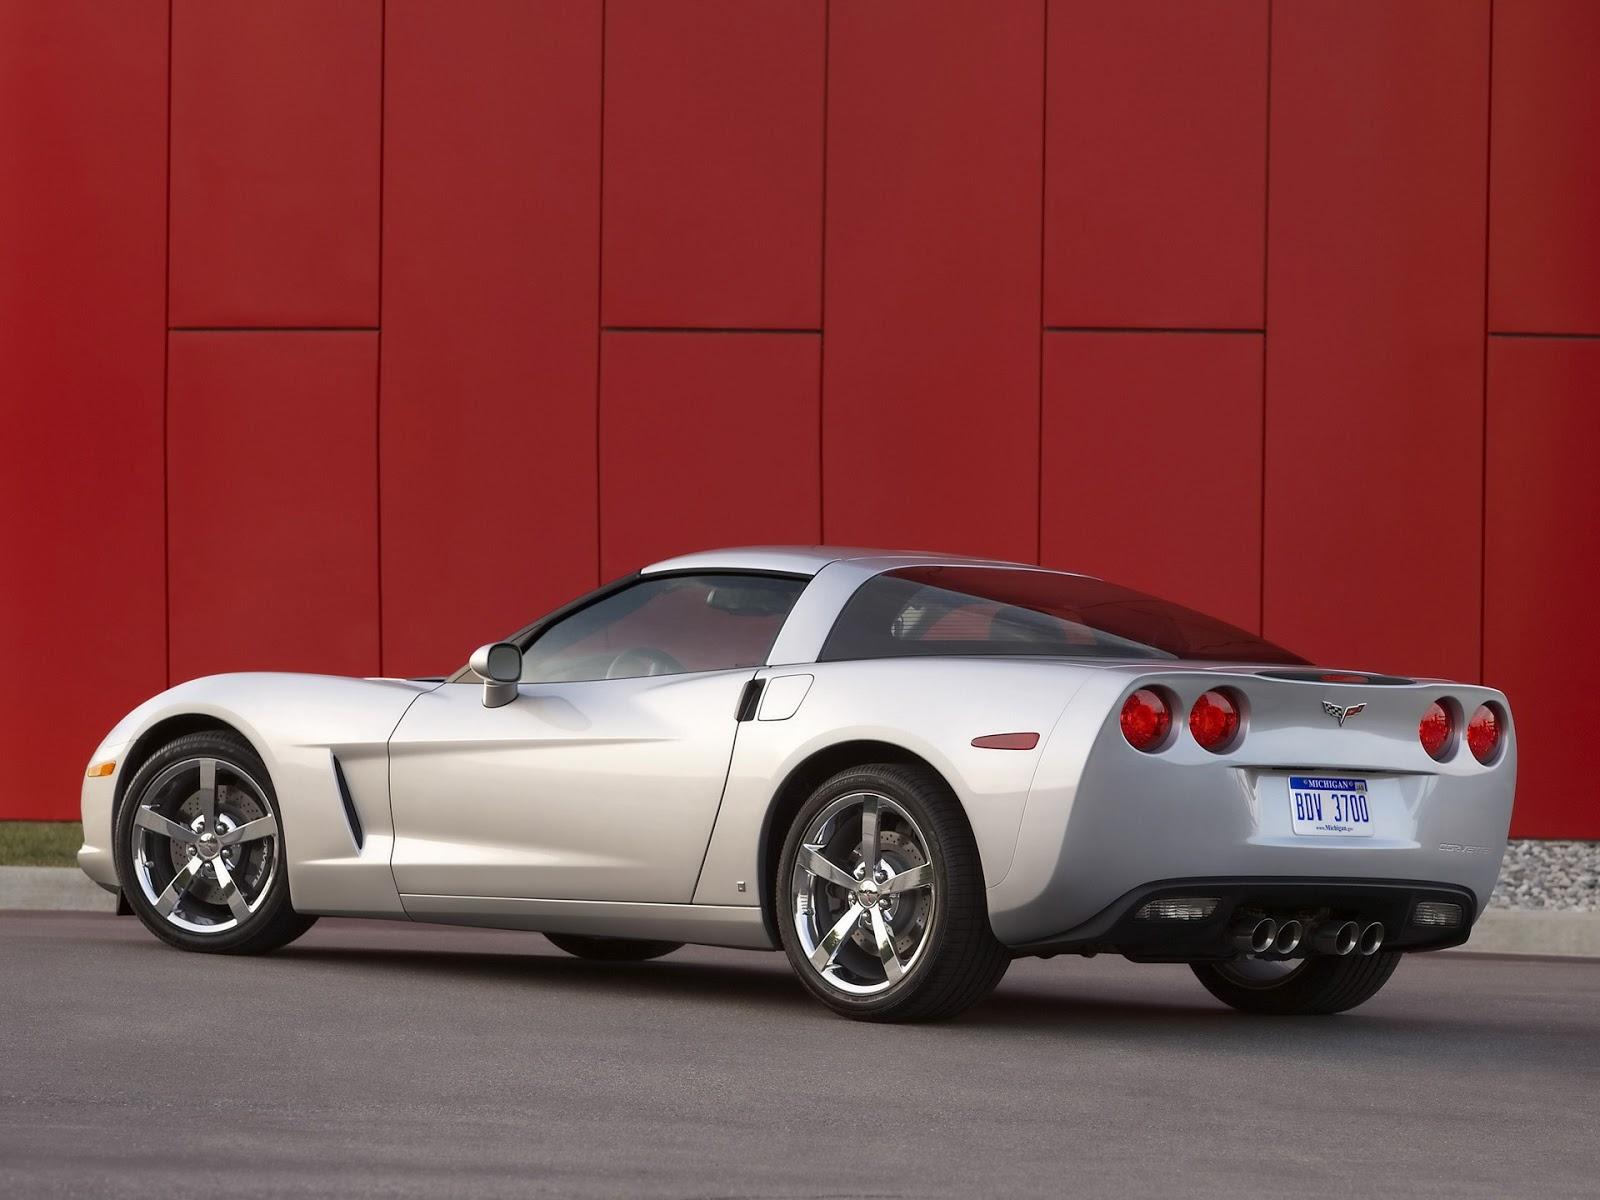 Corvette Desktop Wallpapers Wallpapers Factory to make your desktop 1600x1200